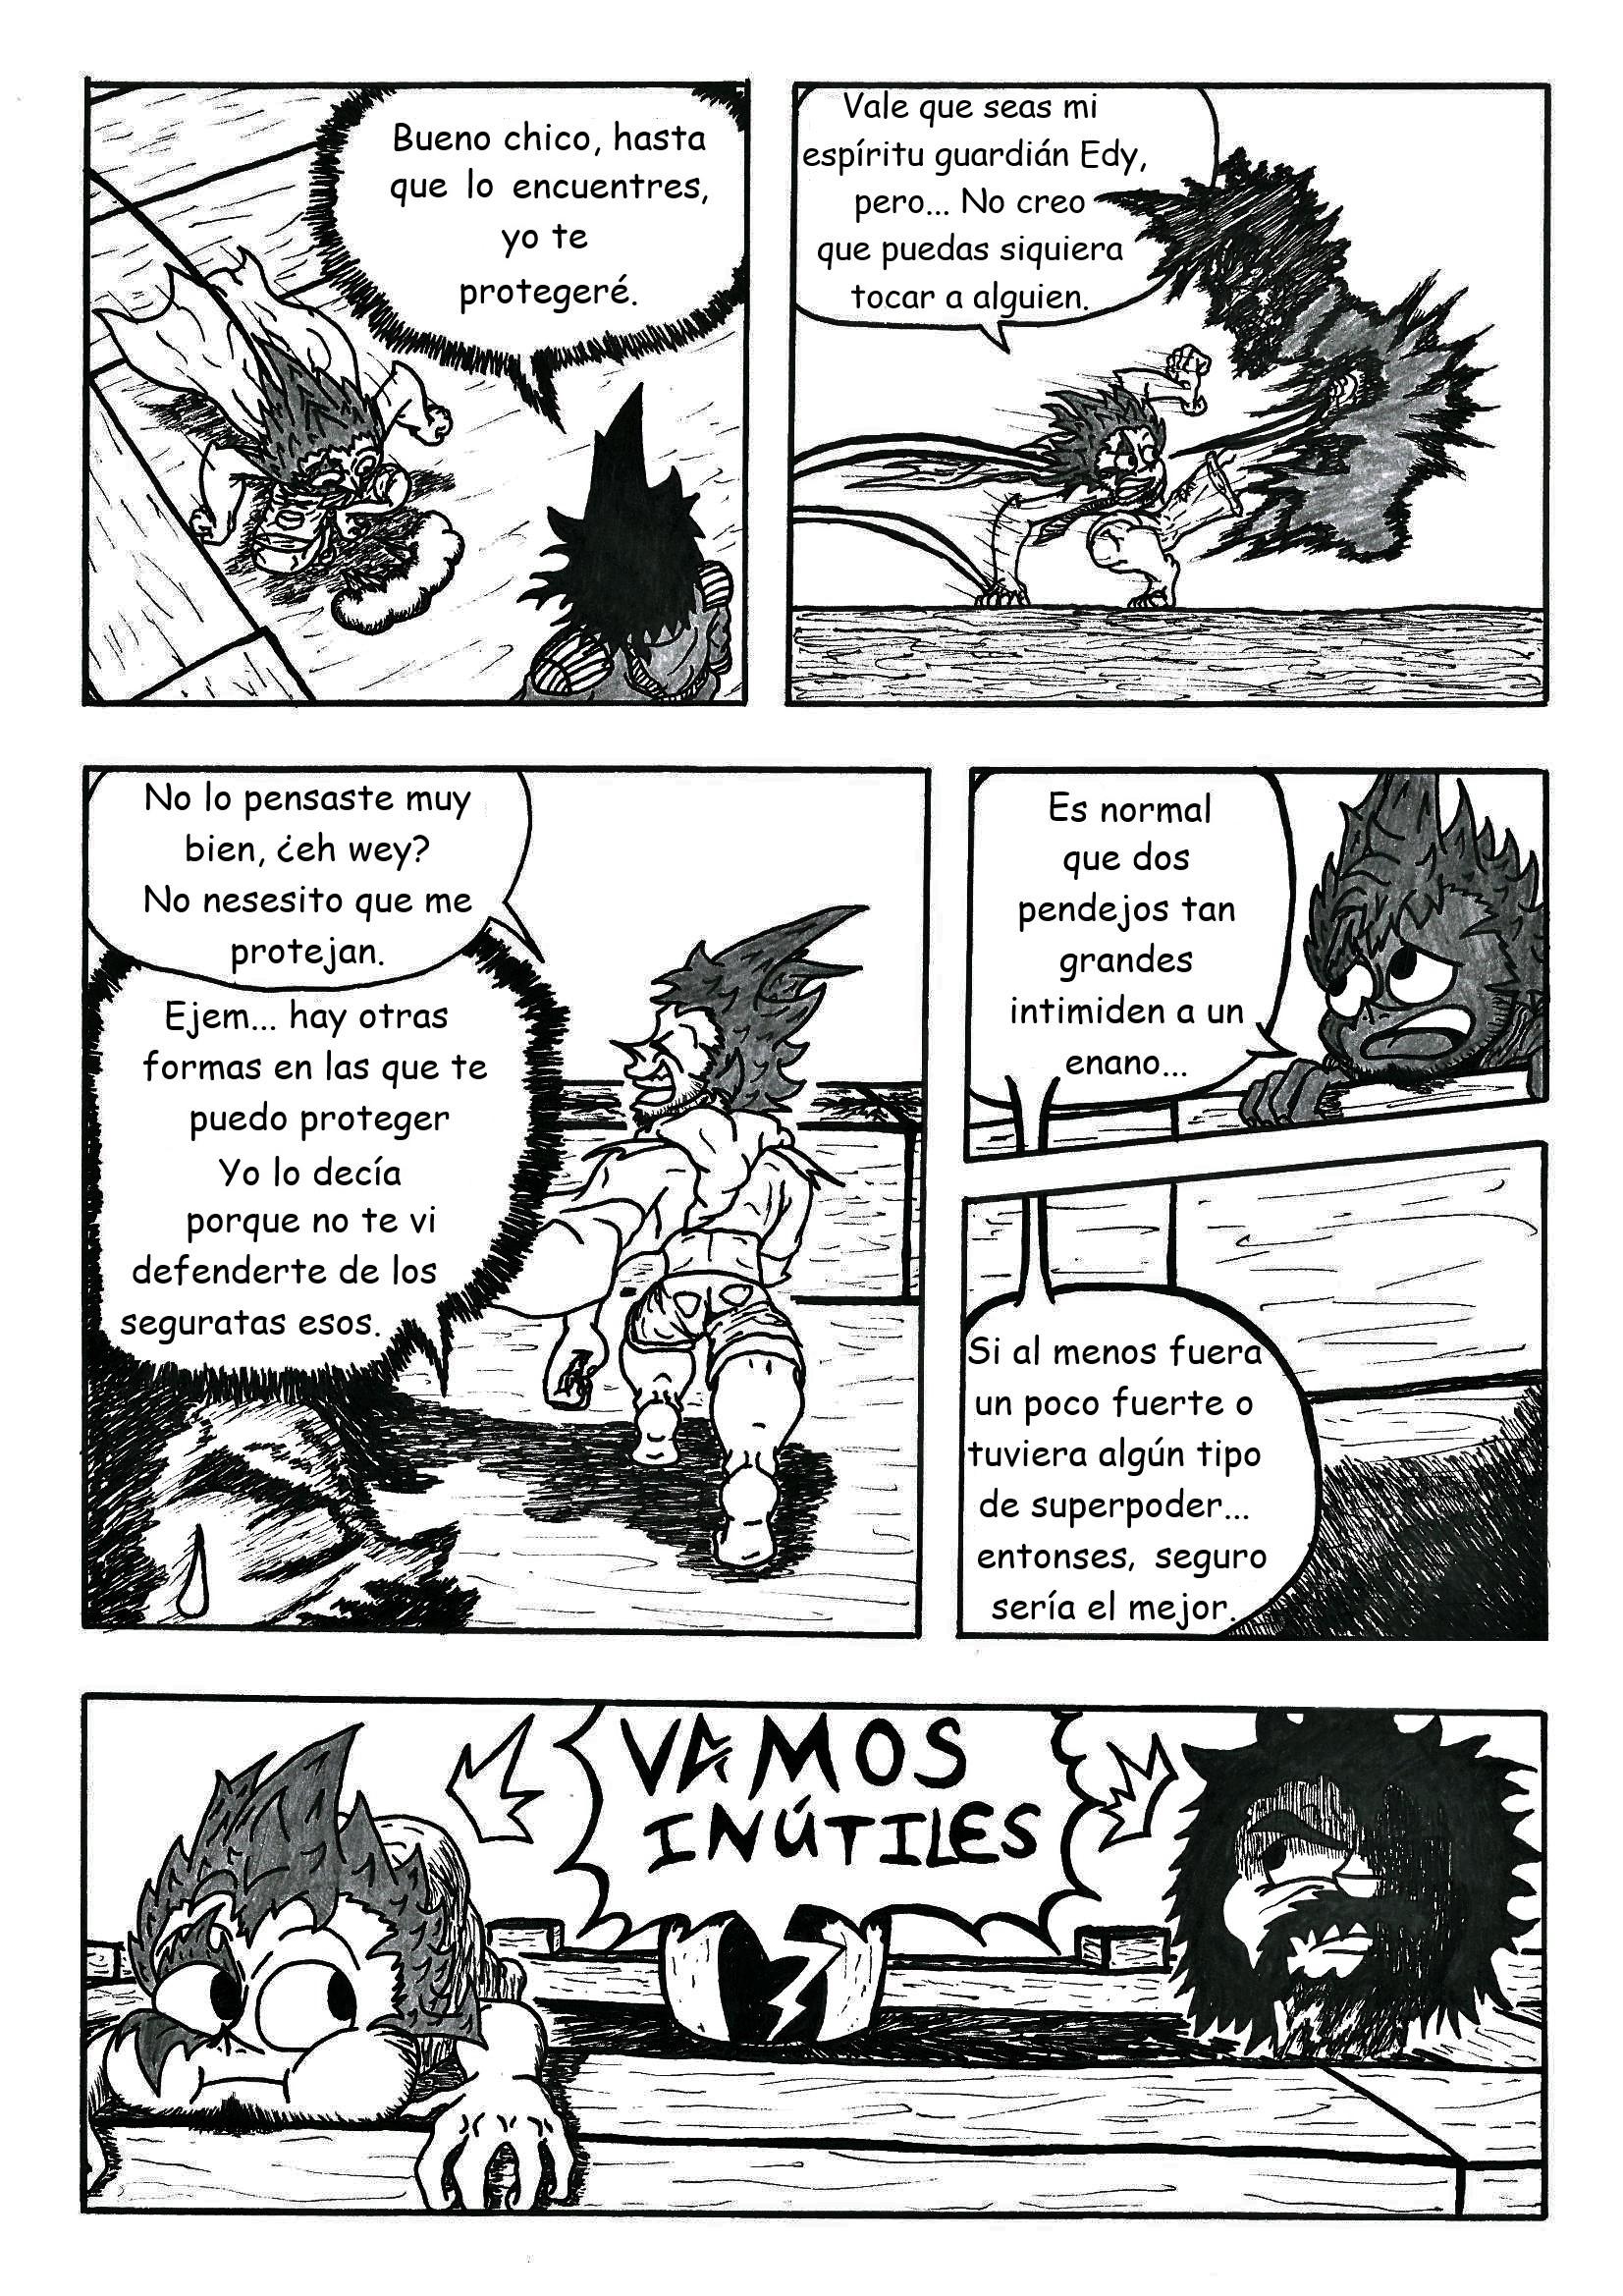 Avatar_02_J_Angel_Casado_Fuster_pagina00008